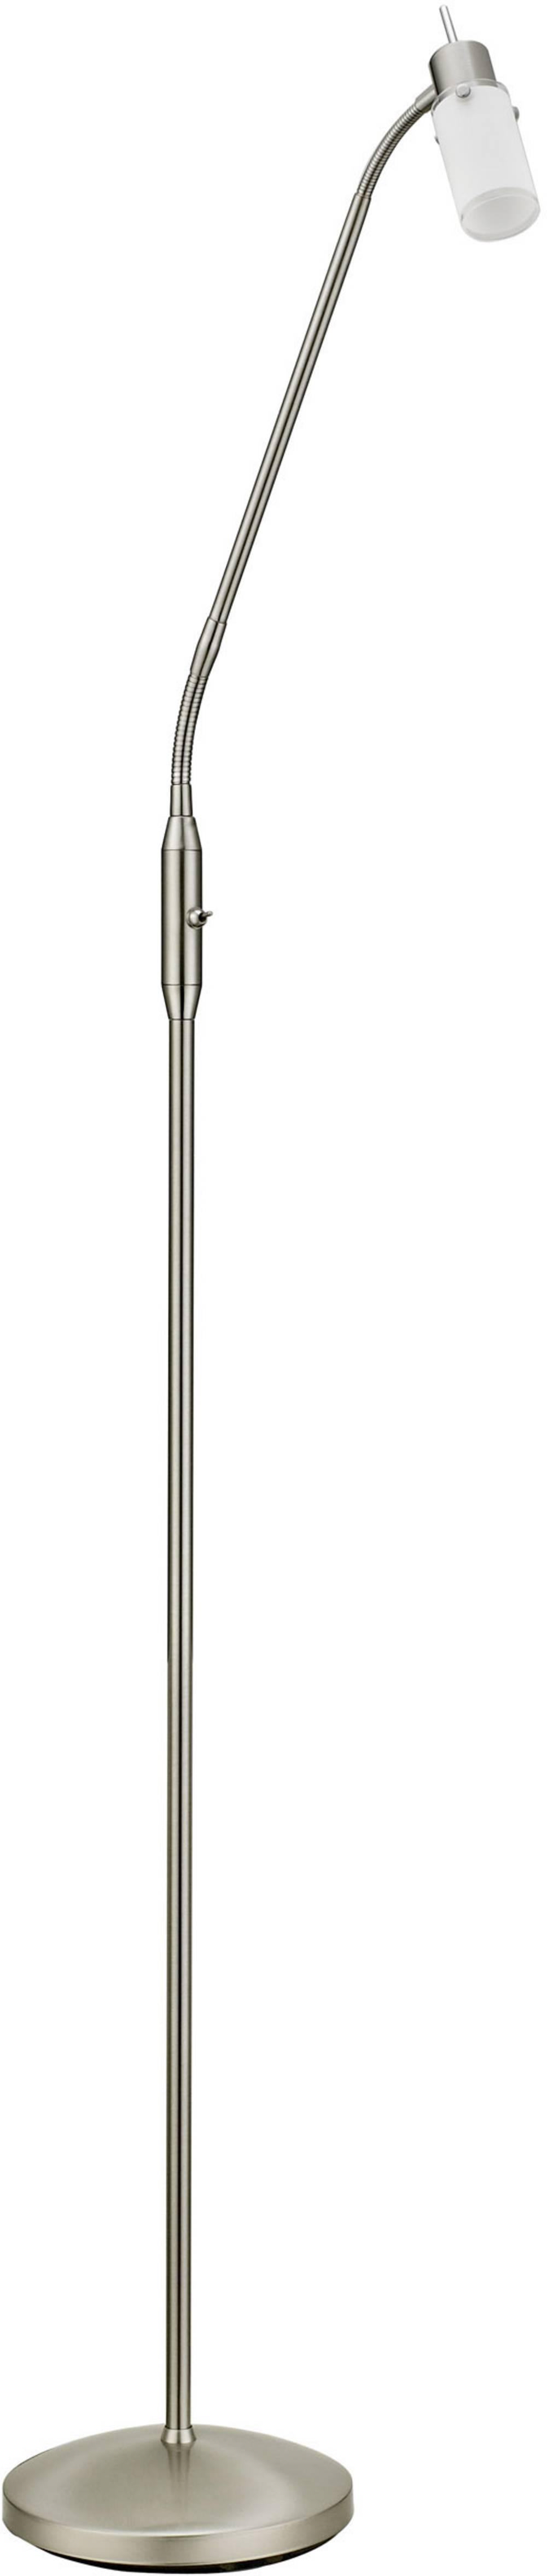 lampada a stelo led gu10 4 w leuchtendirekt max 11938-55 acciaio in